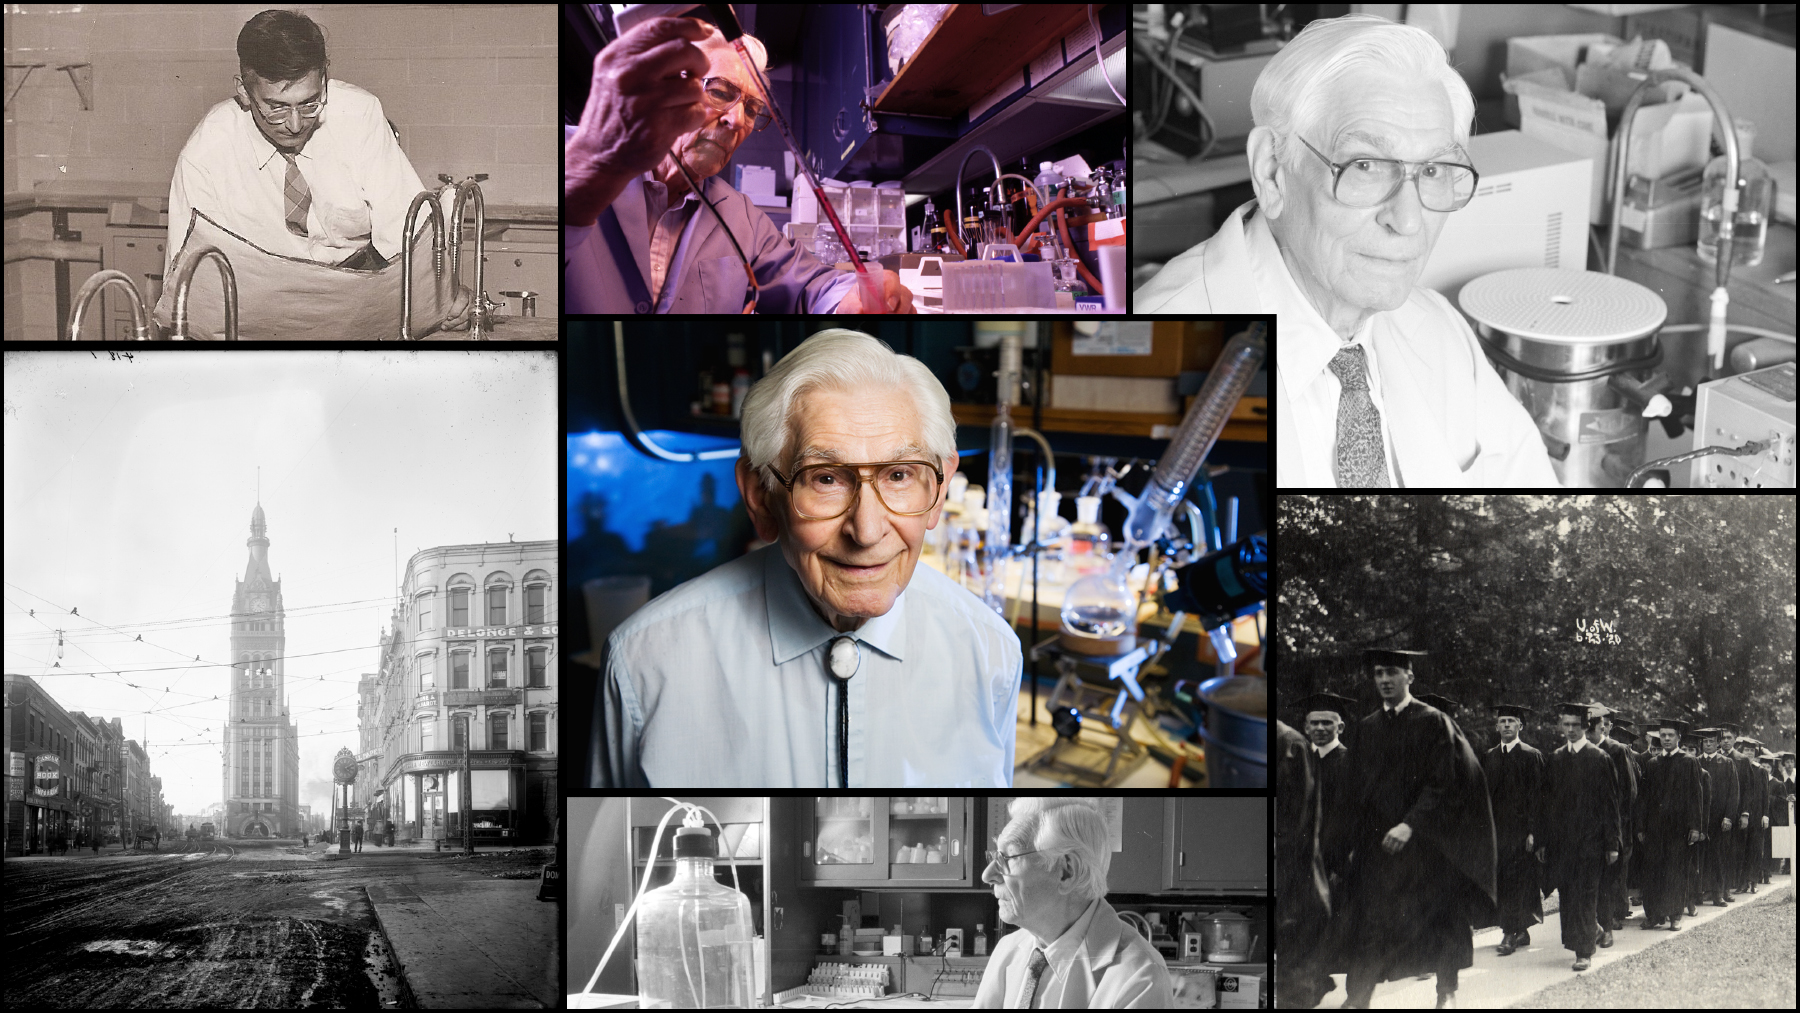 Professor Emeritus Fred Kummerow